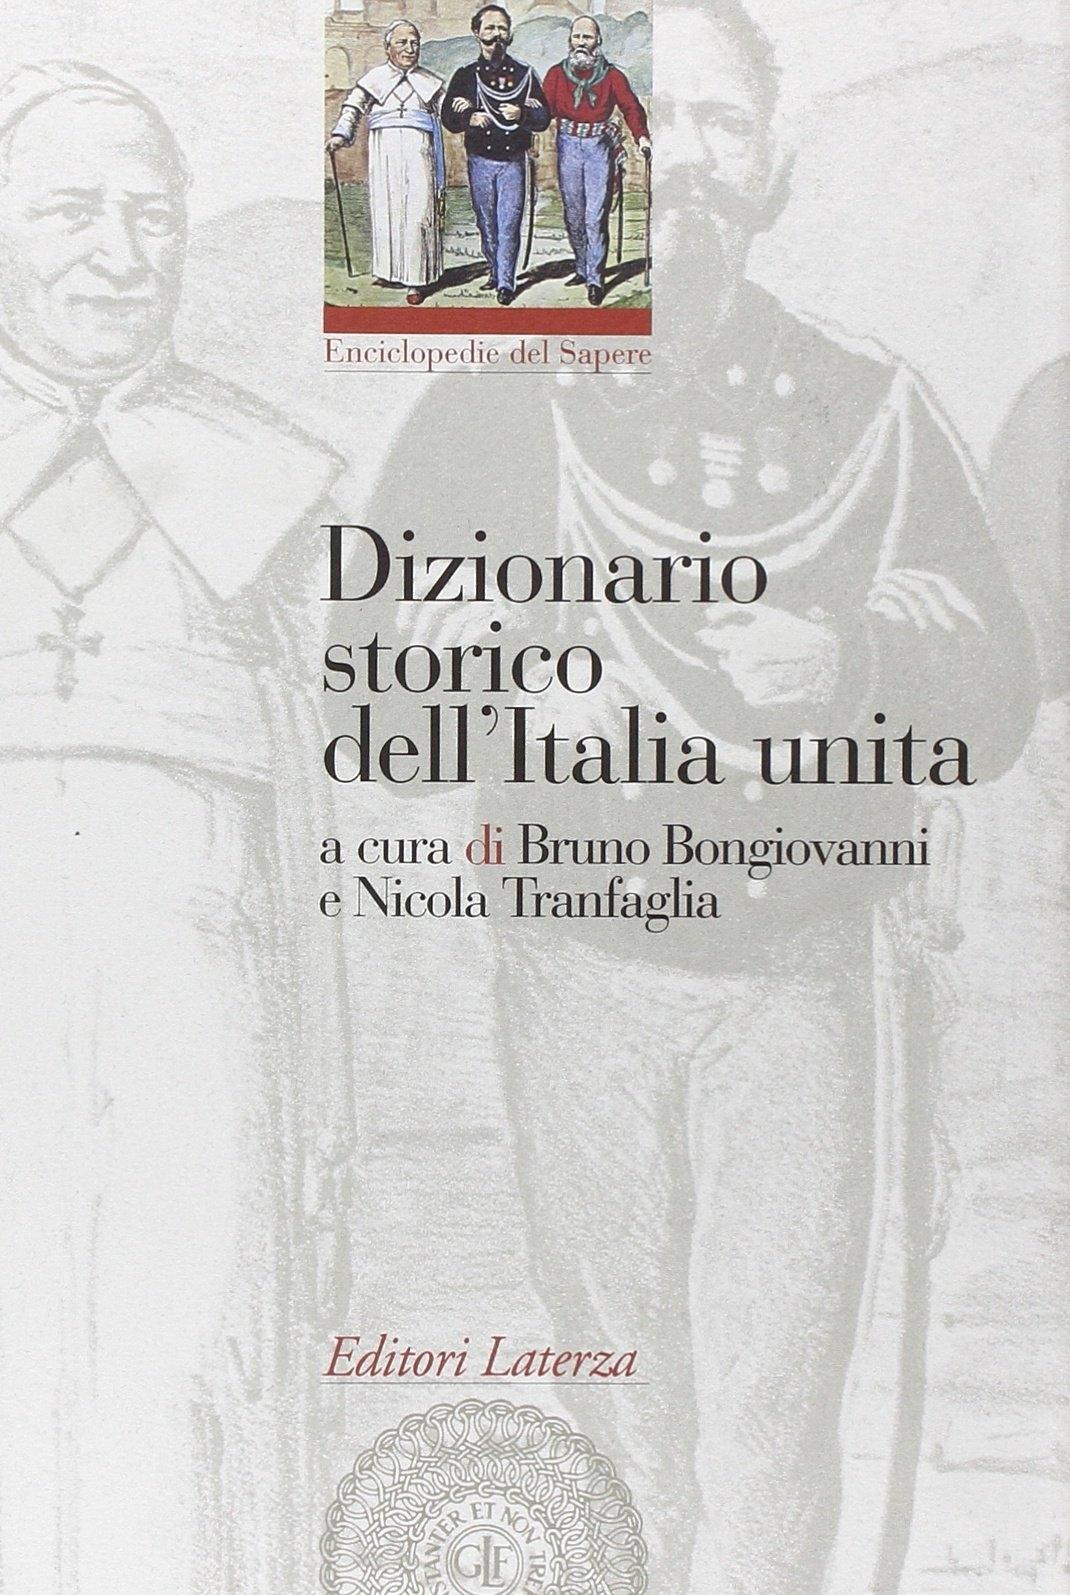 Dizionario storico dell'Italia unita.